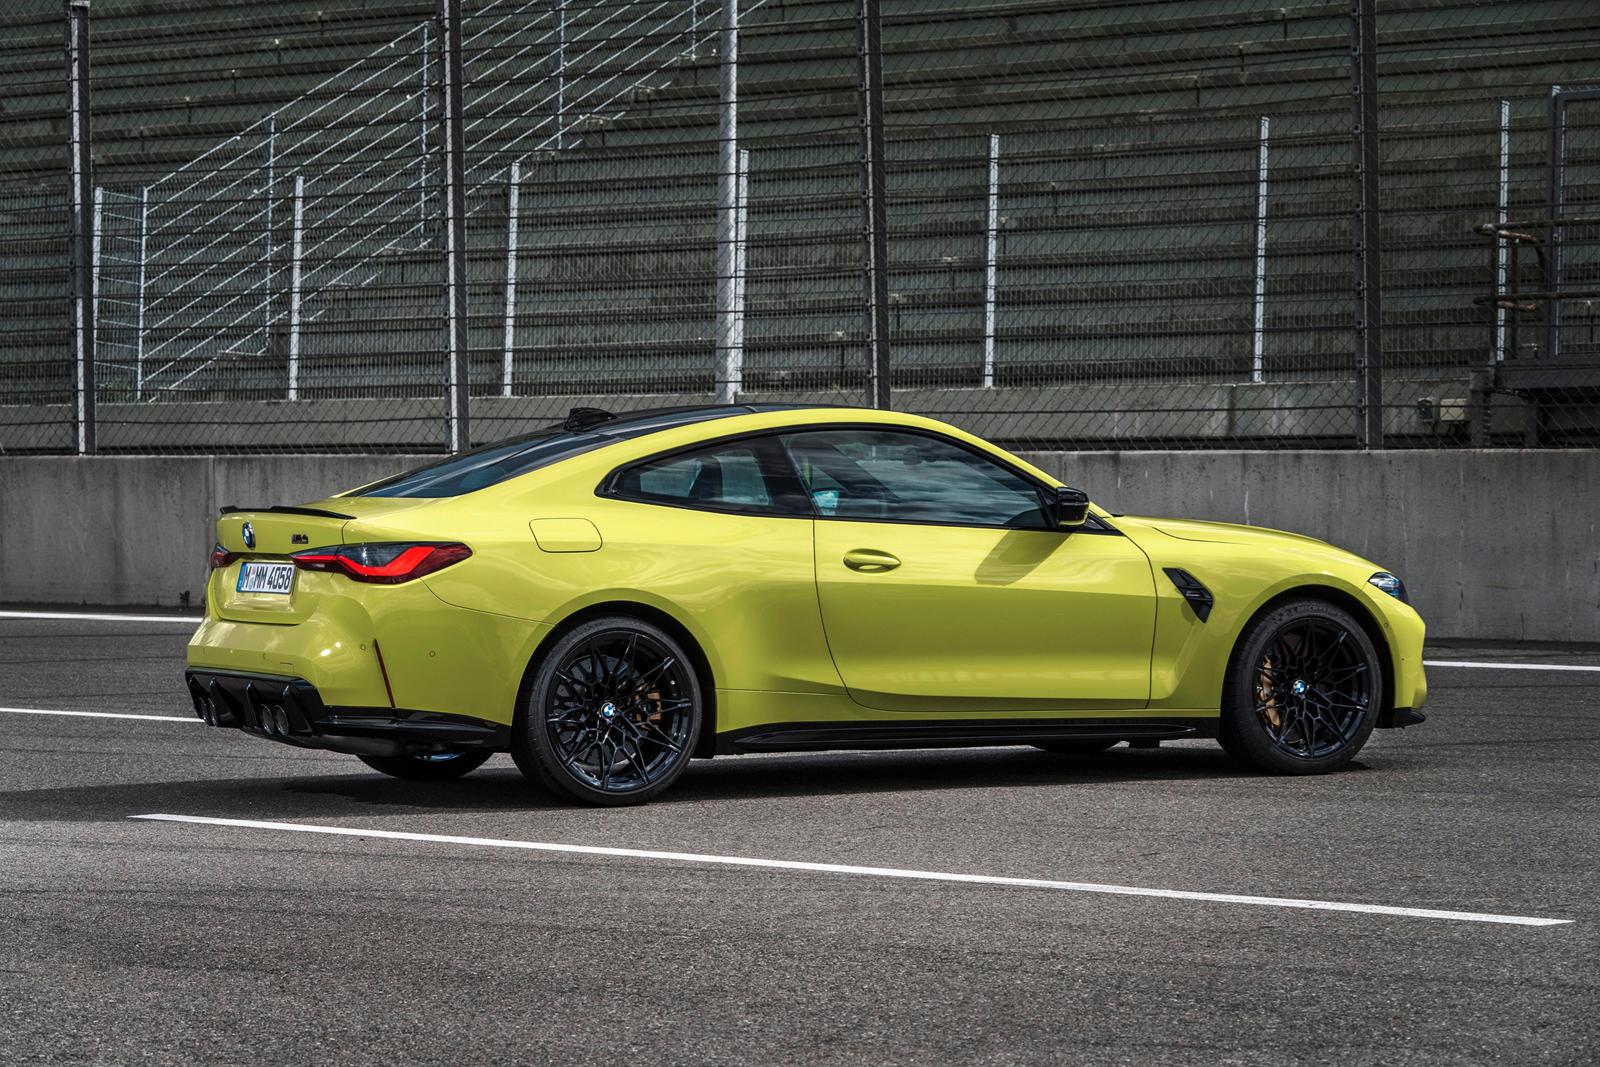 В последней серии видеороликов BMW, подробно описывающих различные аспекты новых BMW M3 и M4, разработчик M Drive подробно рассказывает, как работает система и как водитель может адаптировать ее к своим потребностям. Садитесь в современный автомобиль